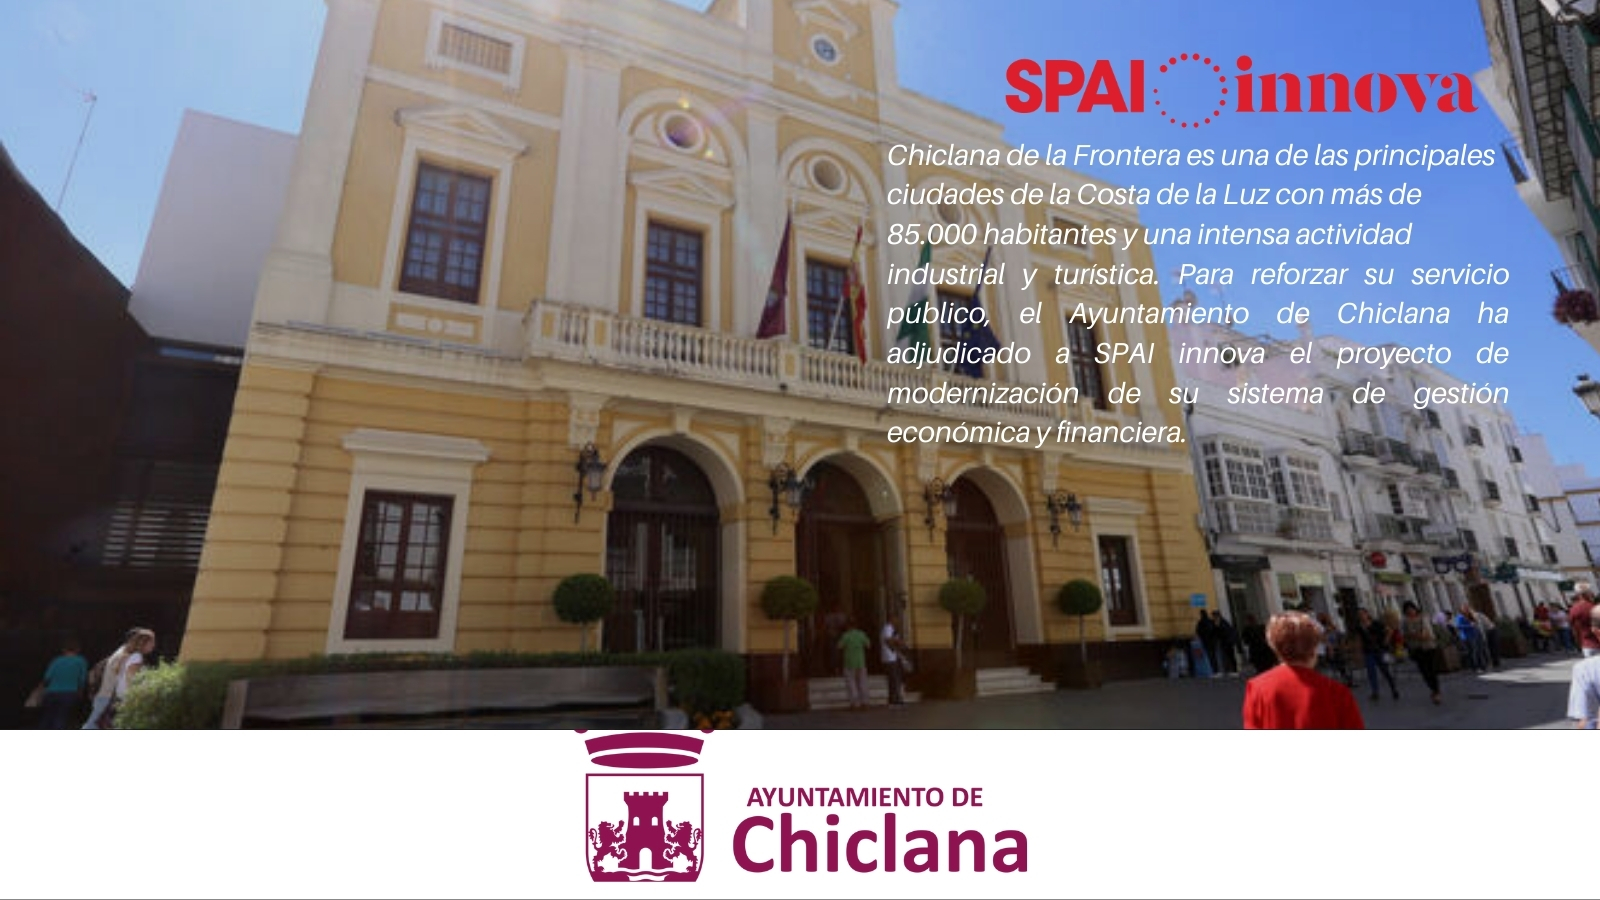 El Ayuntamiento de Chiclana de la Frontera encomienda a SPAI innova la modernización de su sistema de Gestión Económica y Financiera